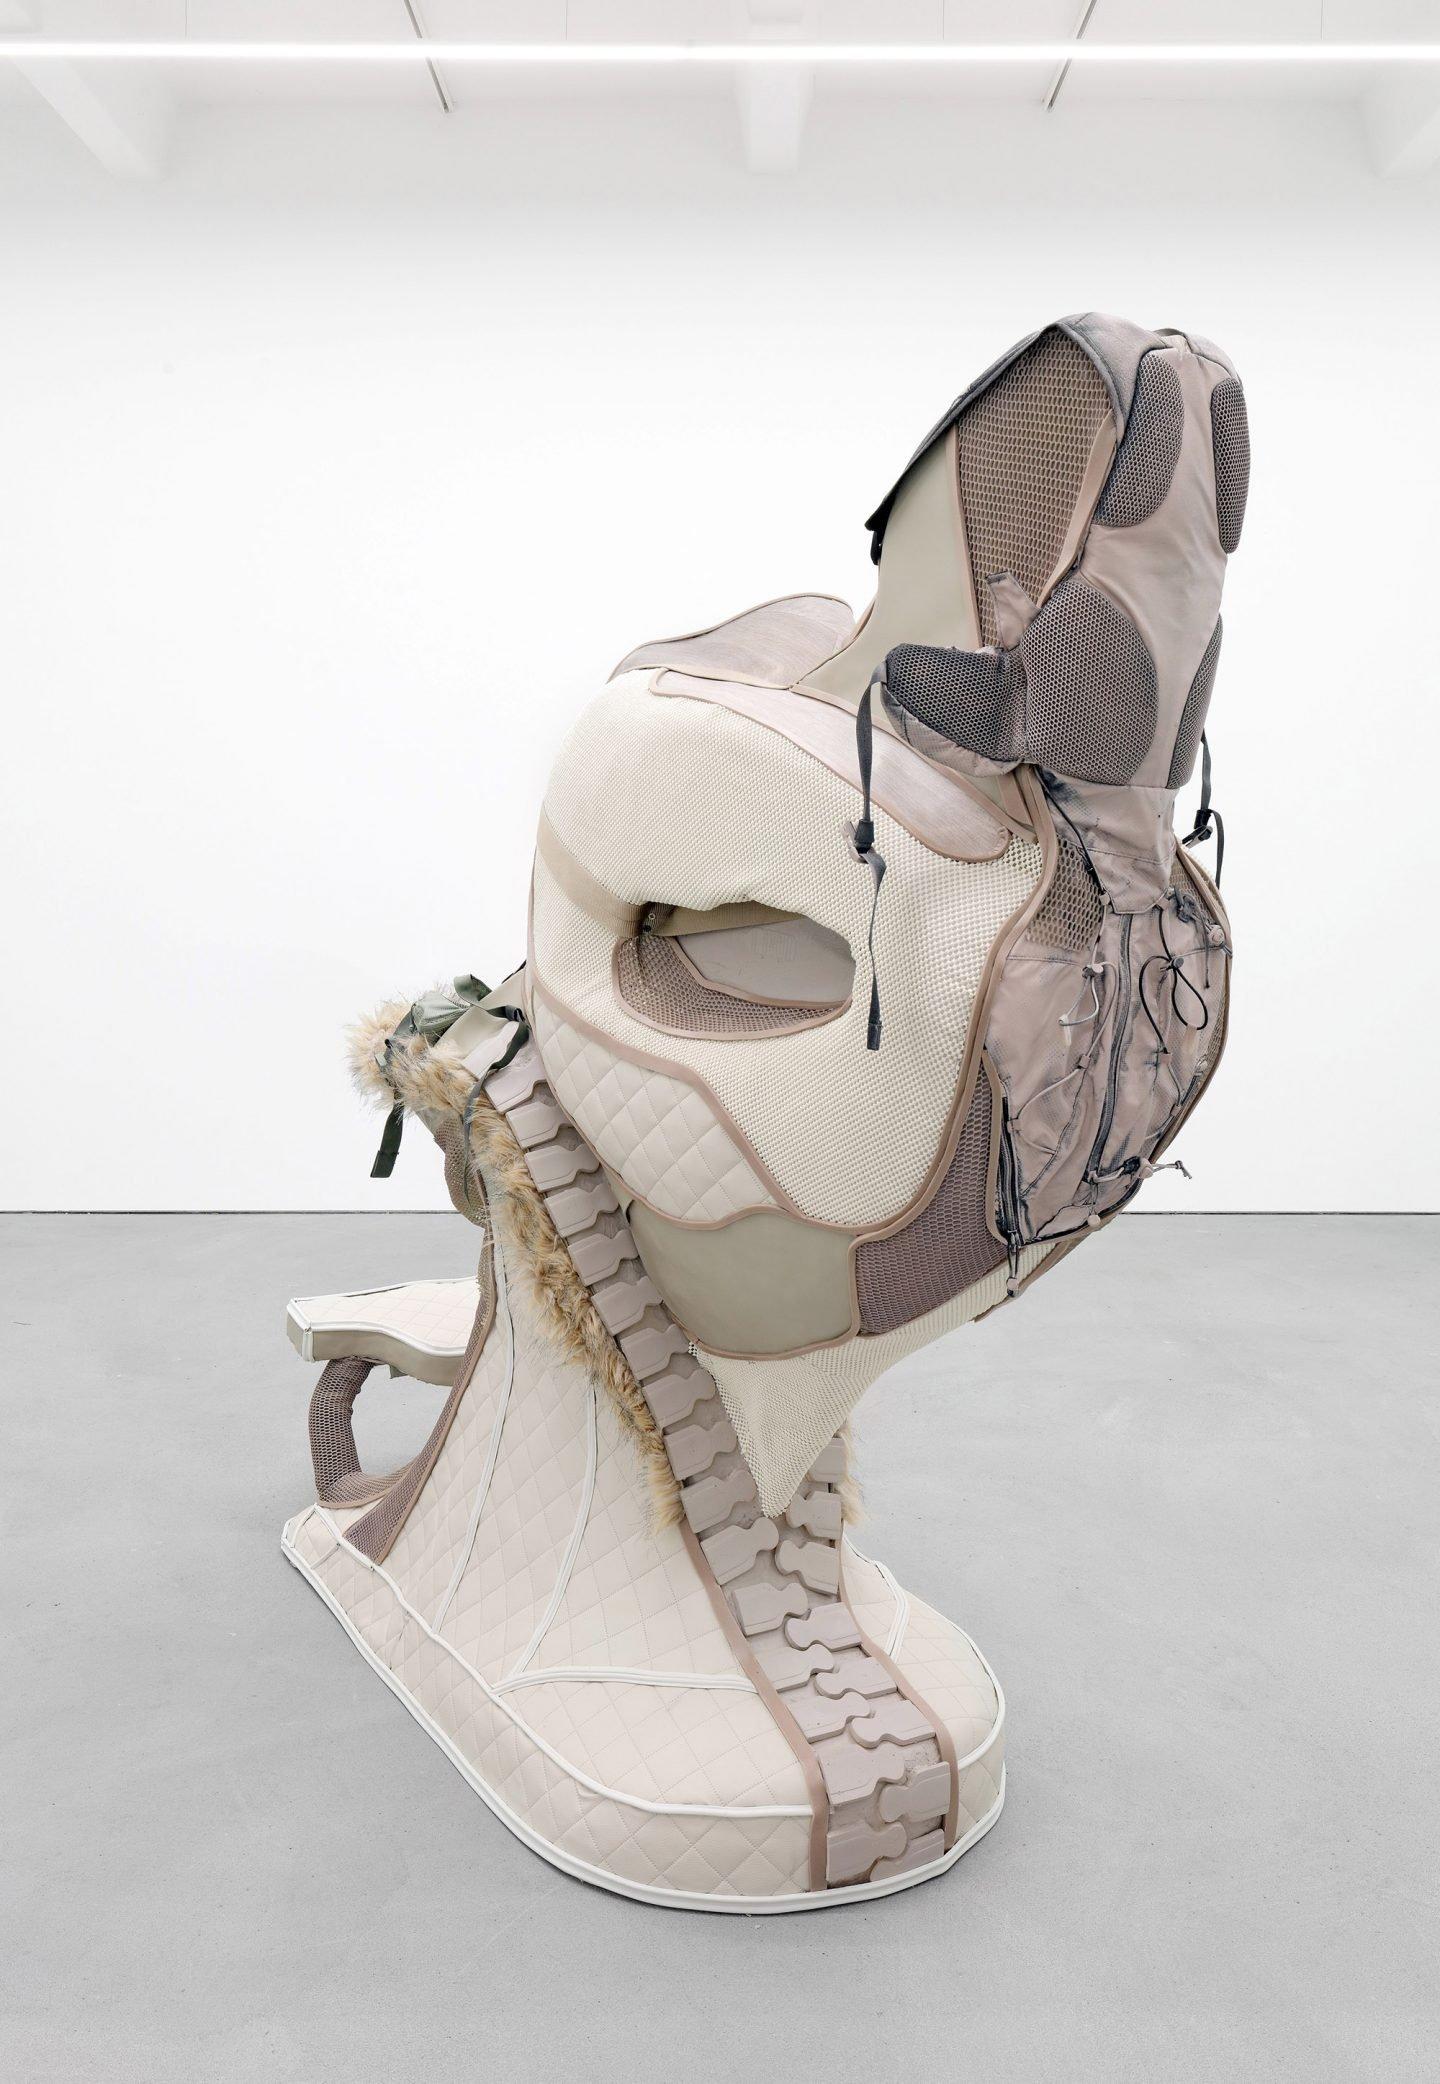 iGNANT-Art-Anna-Uddenberg-002